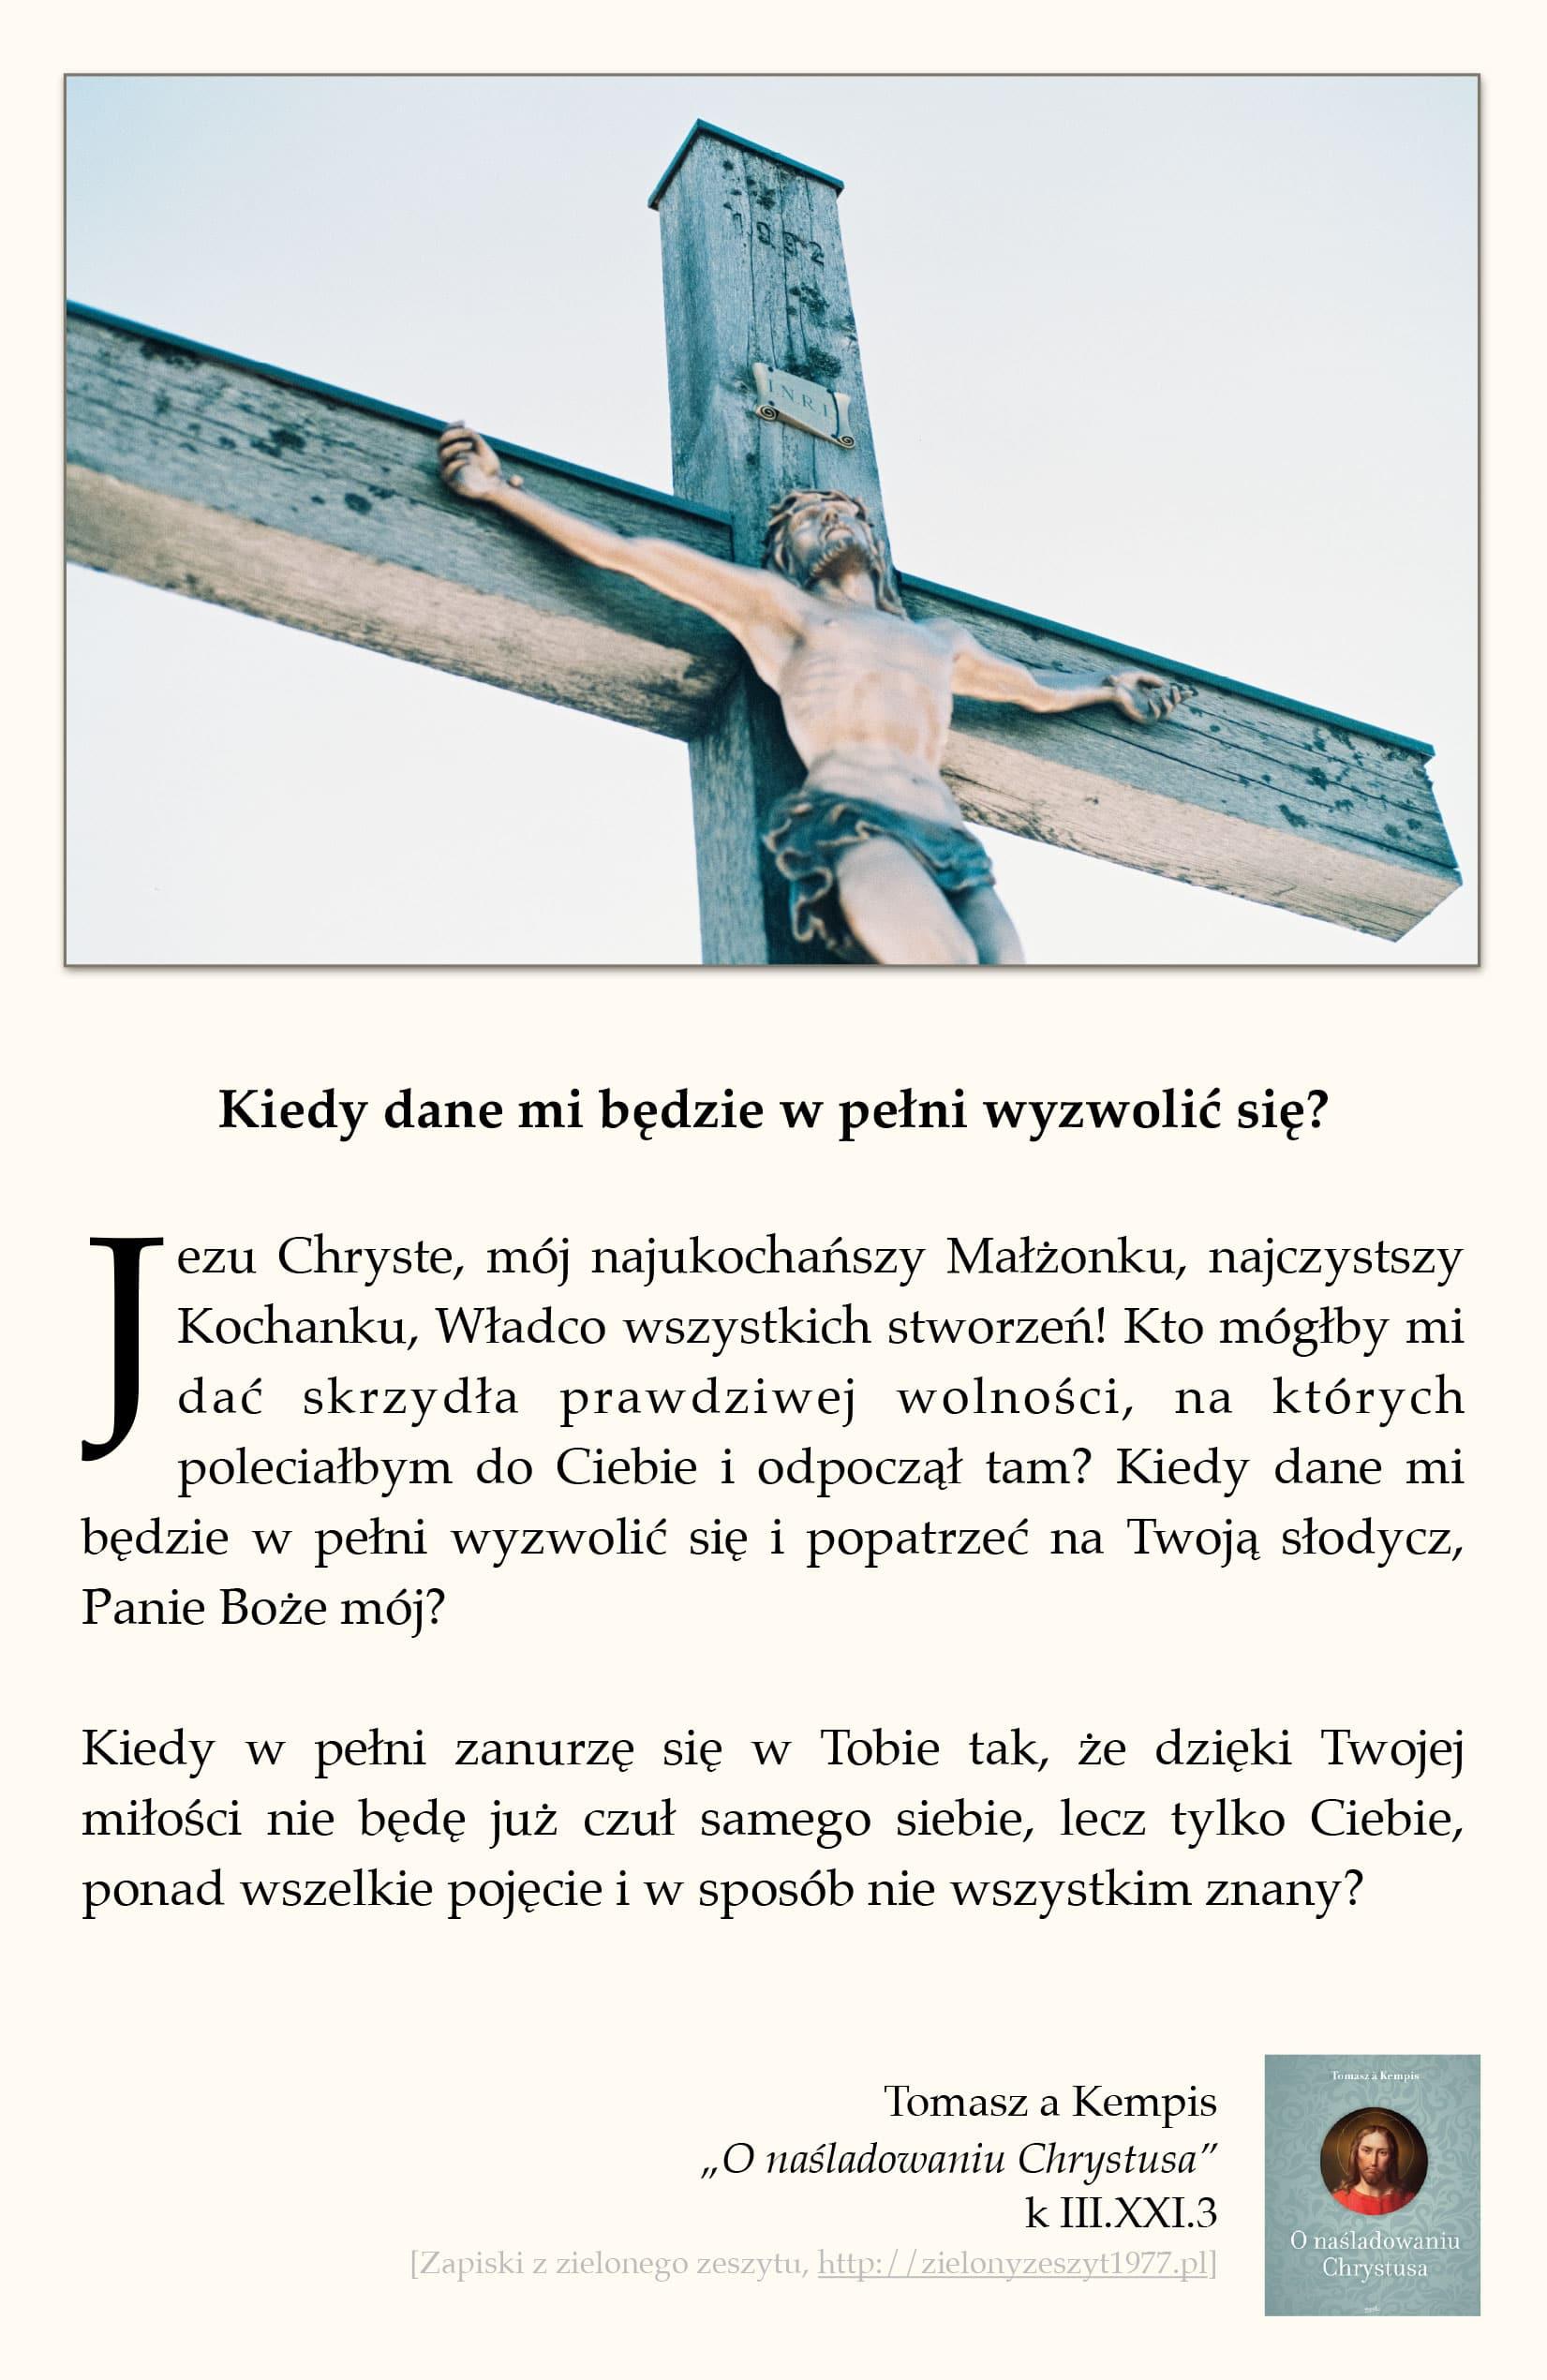 """Tomasz a Kempis, """"O naśladowaniu Chrystusa"""", k III.XXI.3 (Kiedy dane mi będzie w pełni wyzwolić się?)"""